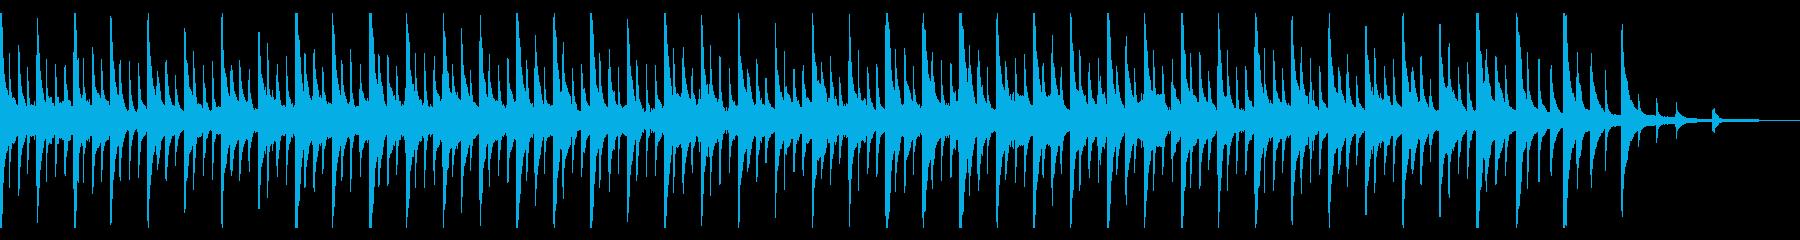 ハワイ 癒しのピアノ リラックスの再生済みの波形